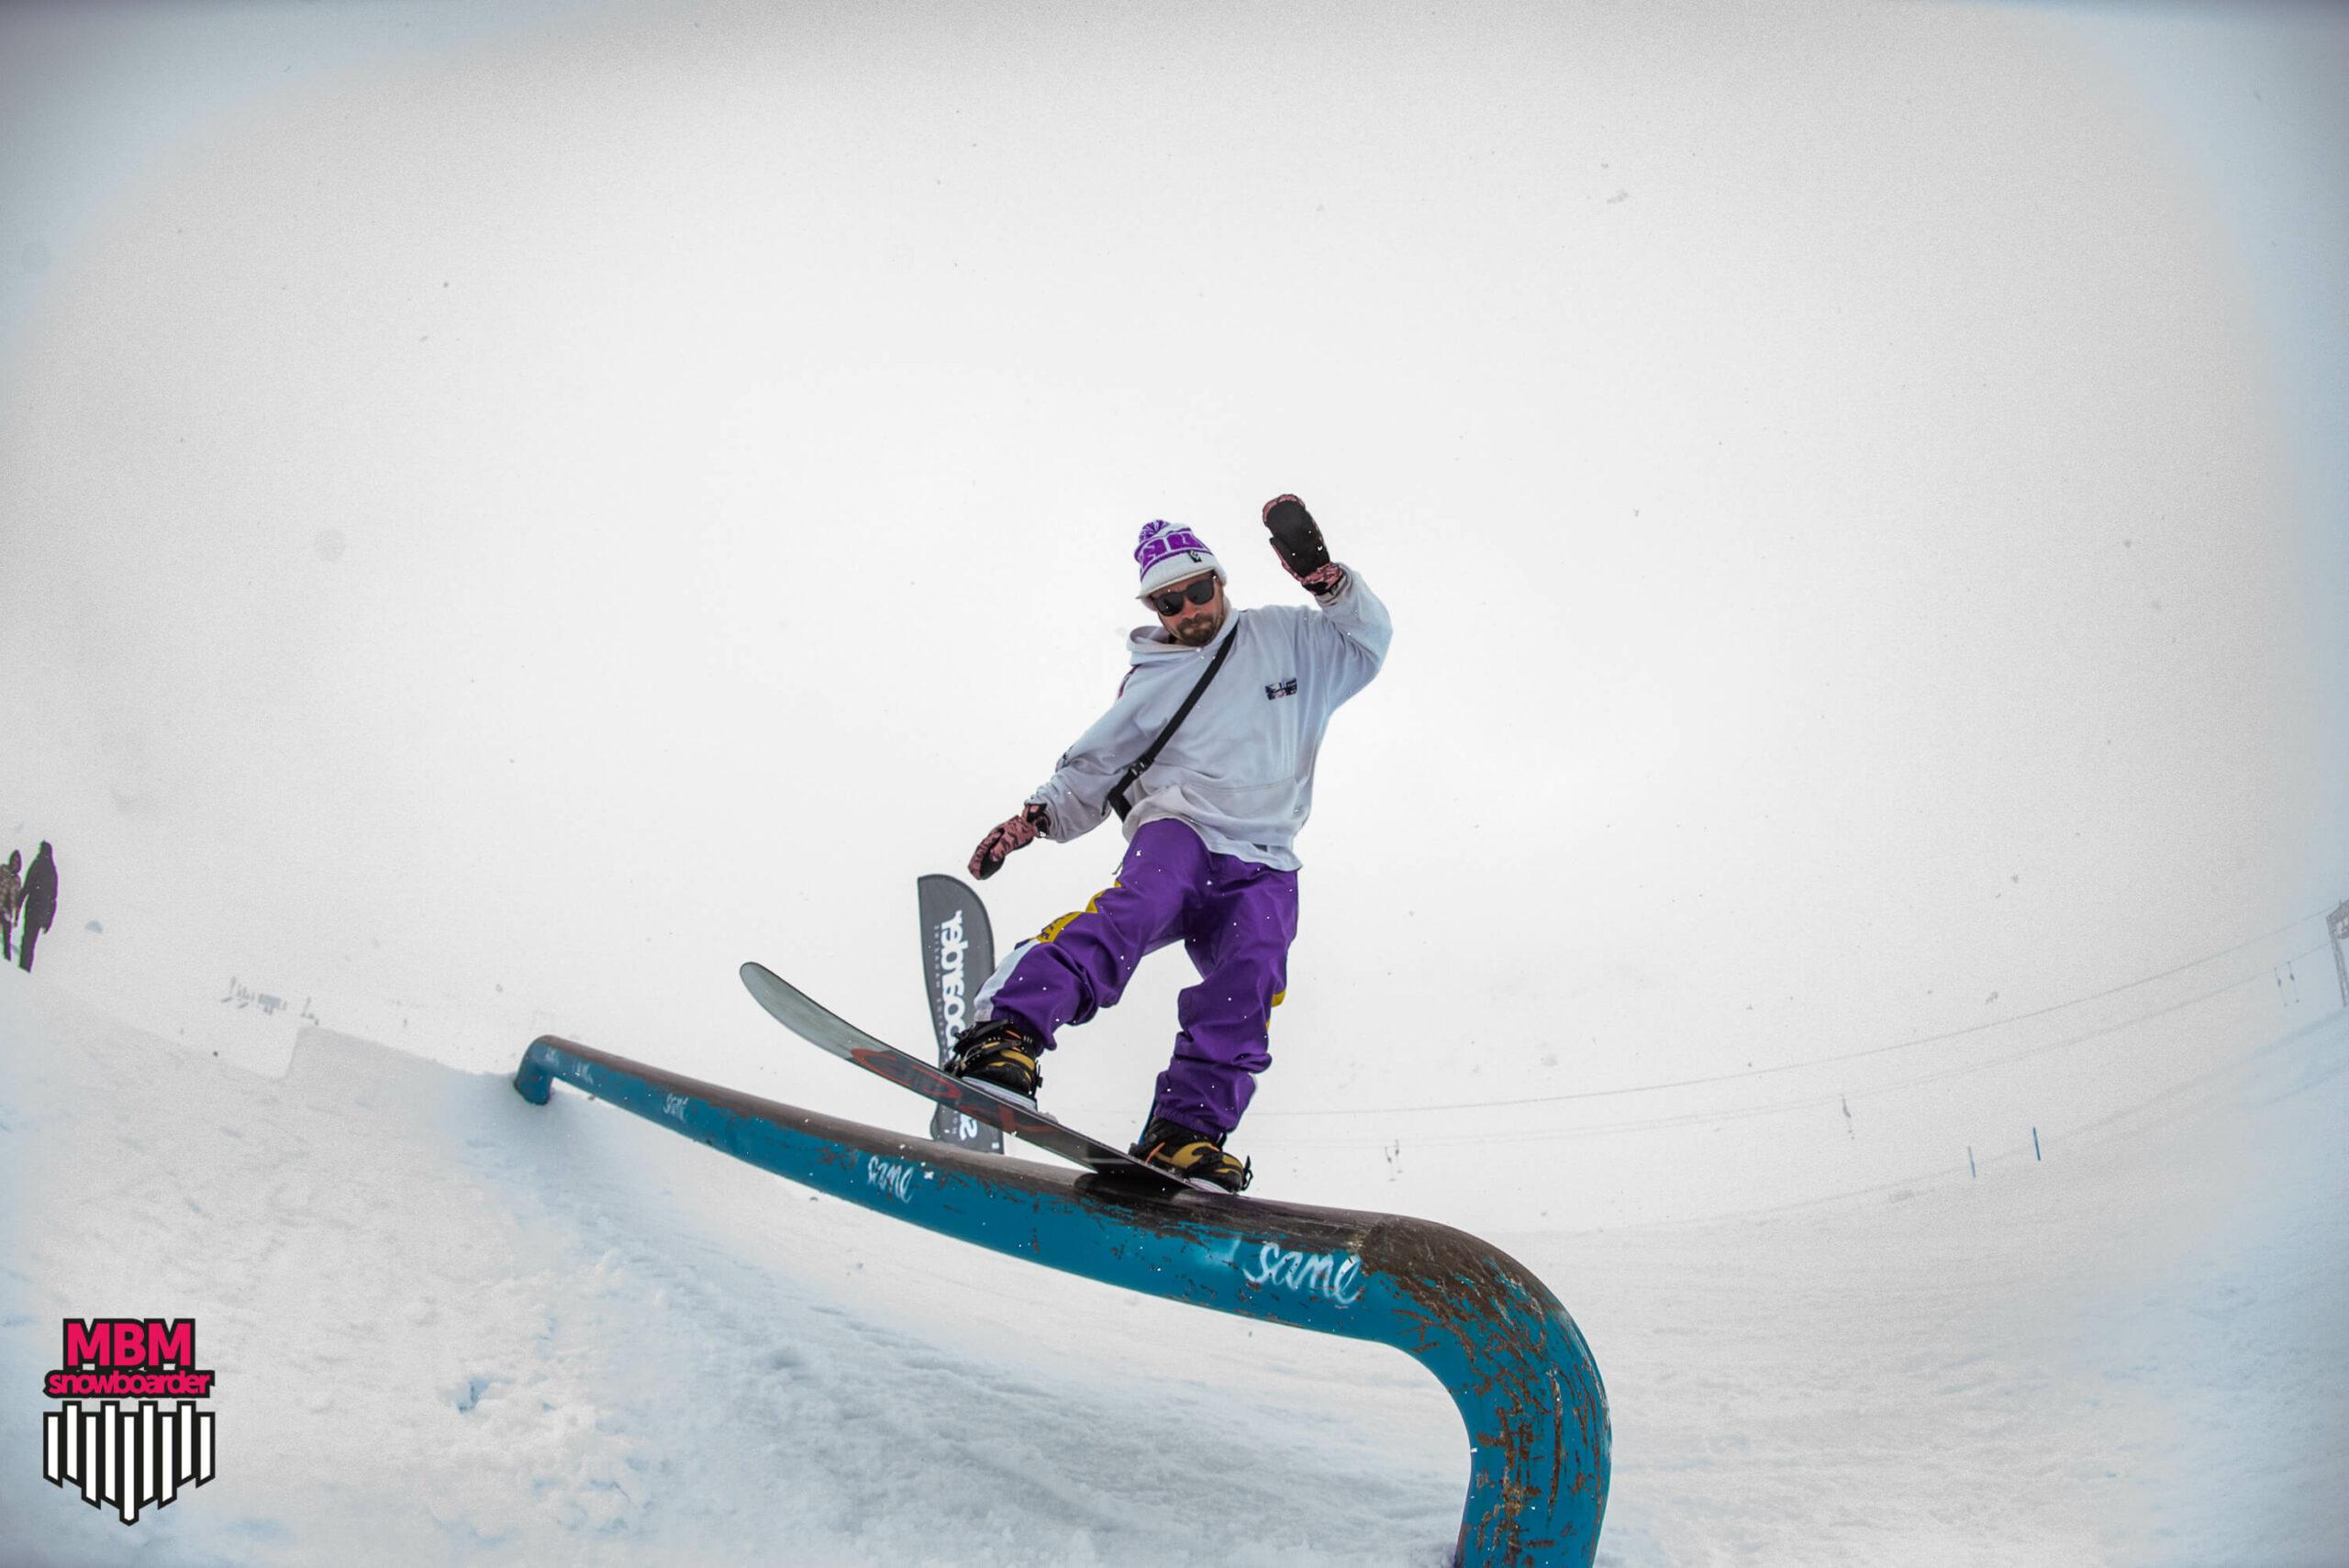 snowboarderMBM_sd_kaunertal_113